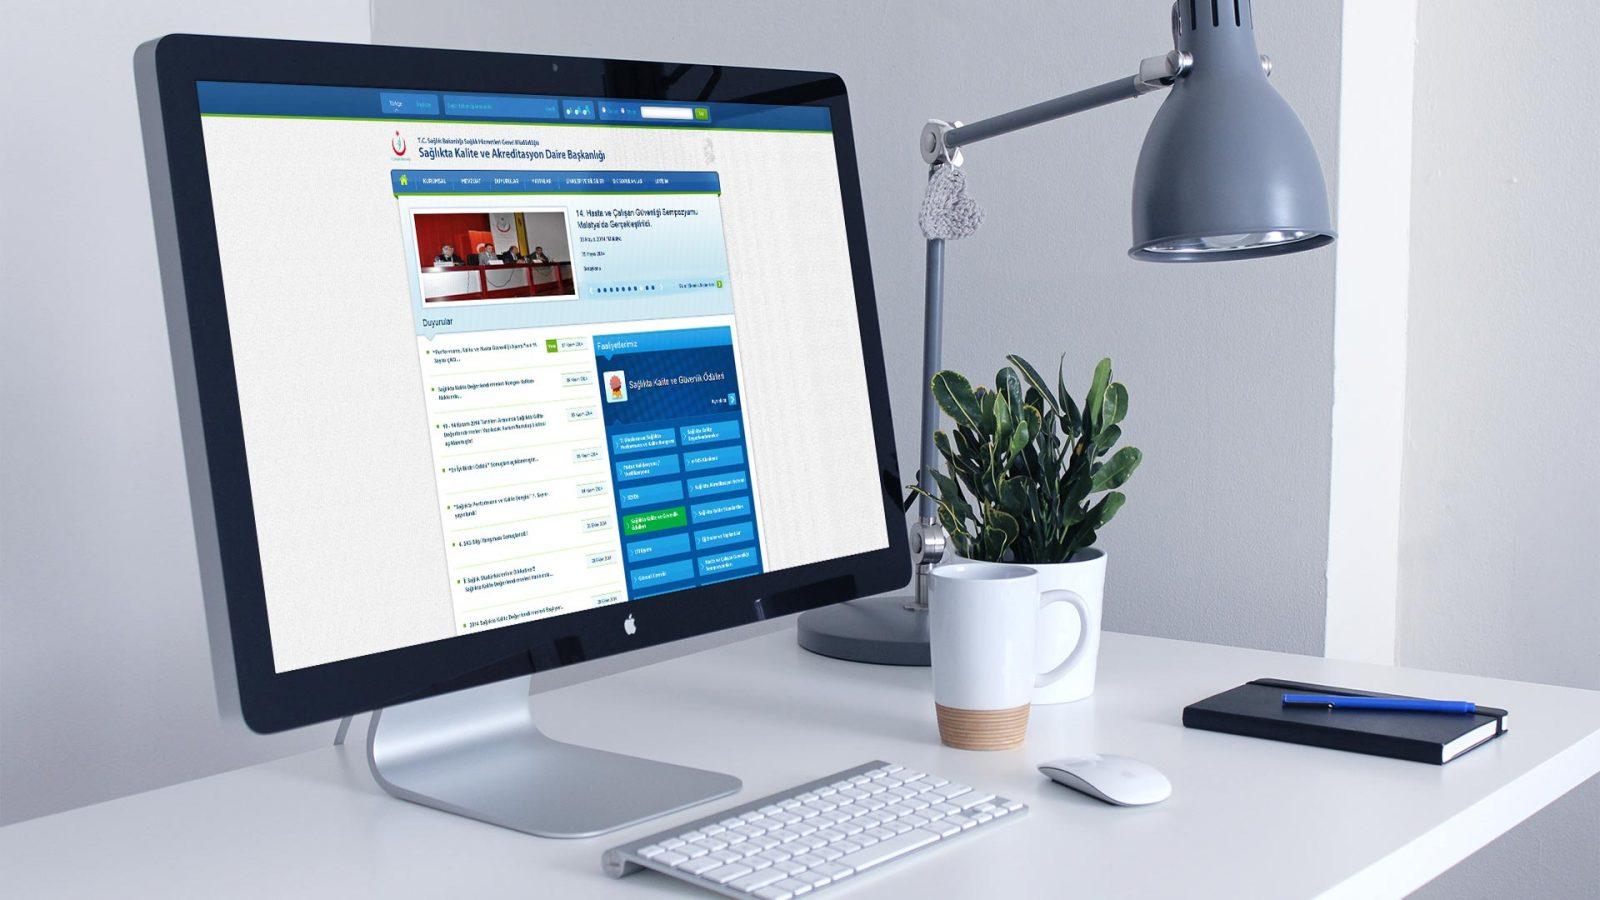 kalite web sitesi tasarımı 03